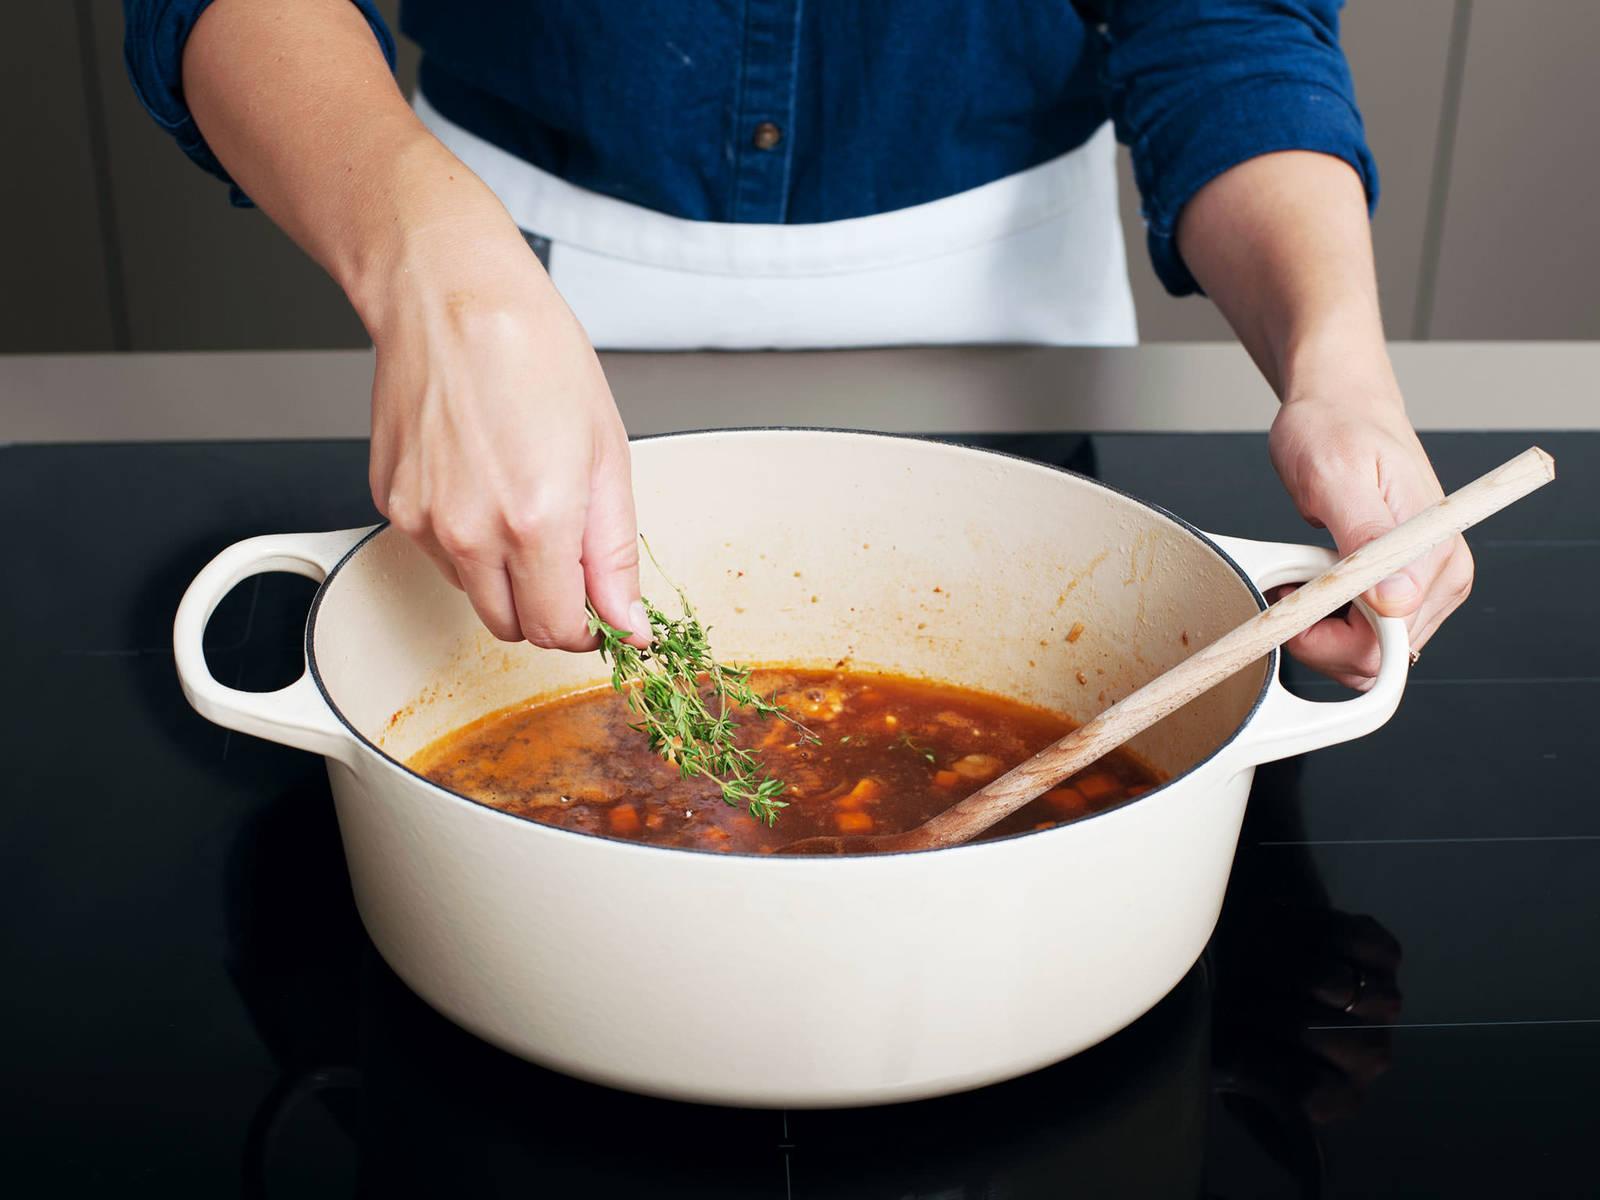 Mehl hinzufügen und glatt rühren. Für ca. 10 min. köcheln lassen, bis die Soße anfängt einzudicken. Apfelwein, Essig, Hühnerbrühe, Dijon Senf, Senfpulver und Thymian hinzugeben. Mit Salz und Pfeffer abschmecken.